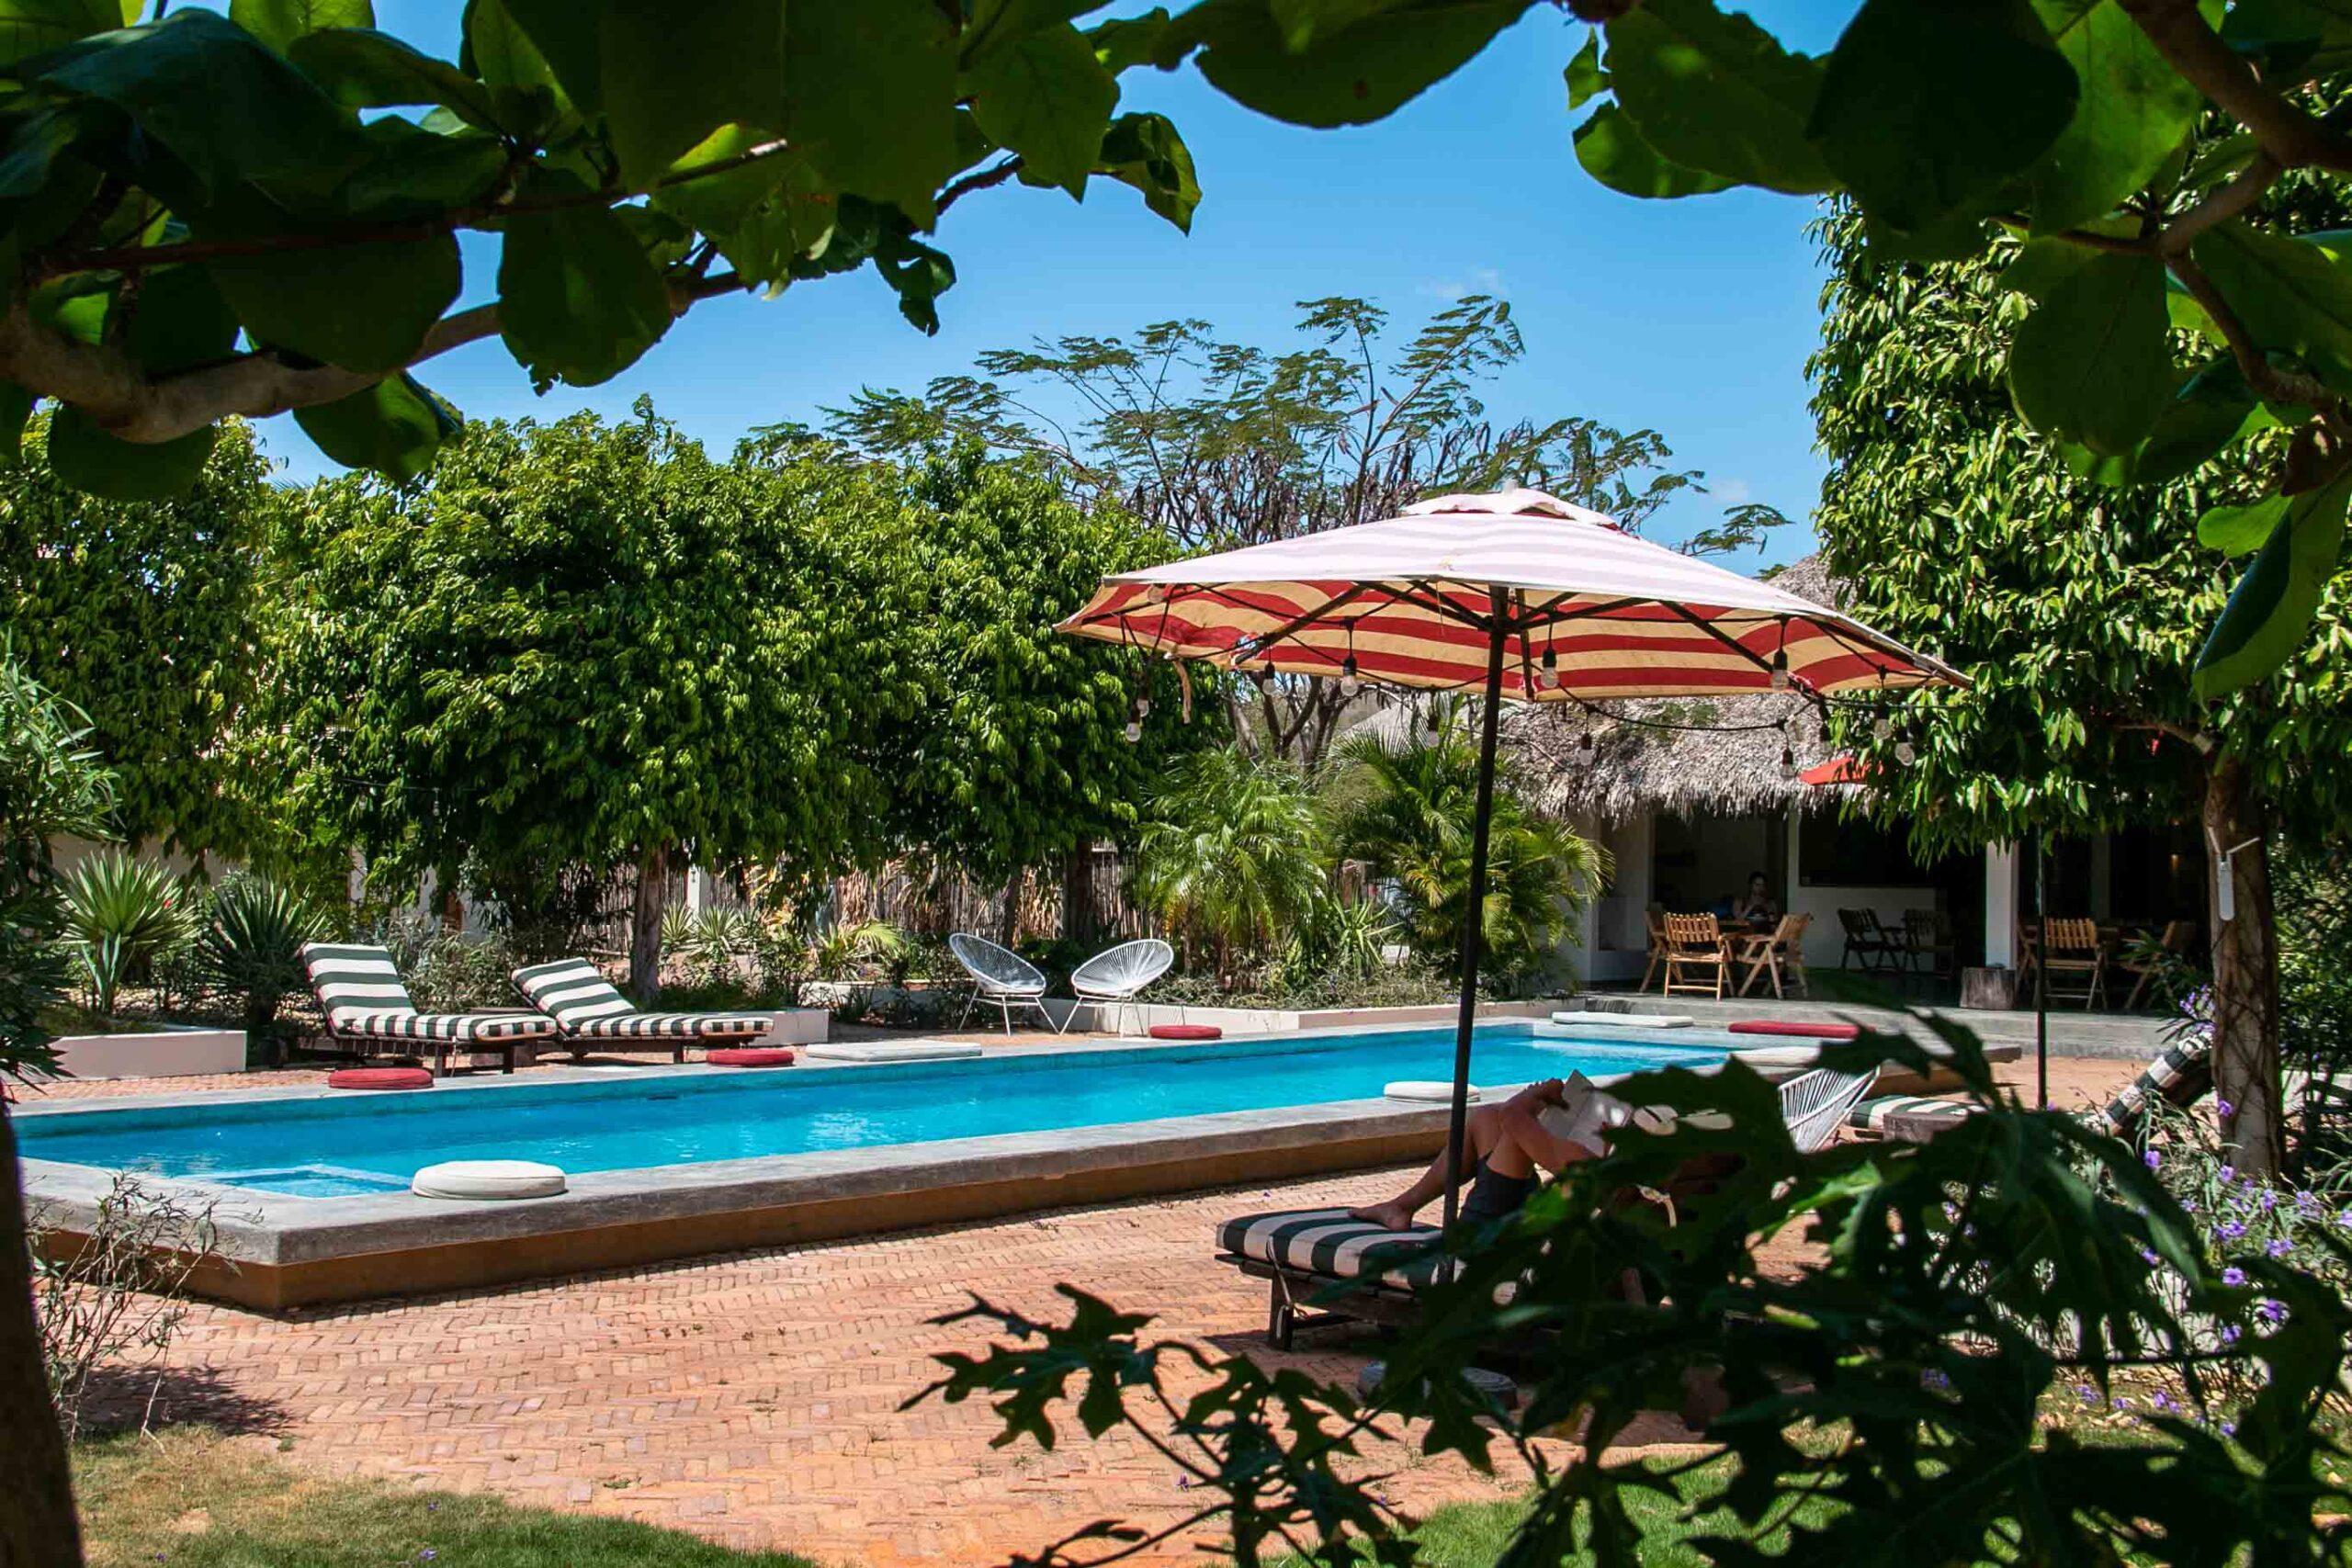 Malibu Popoyo swimming pool in Nicaragua